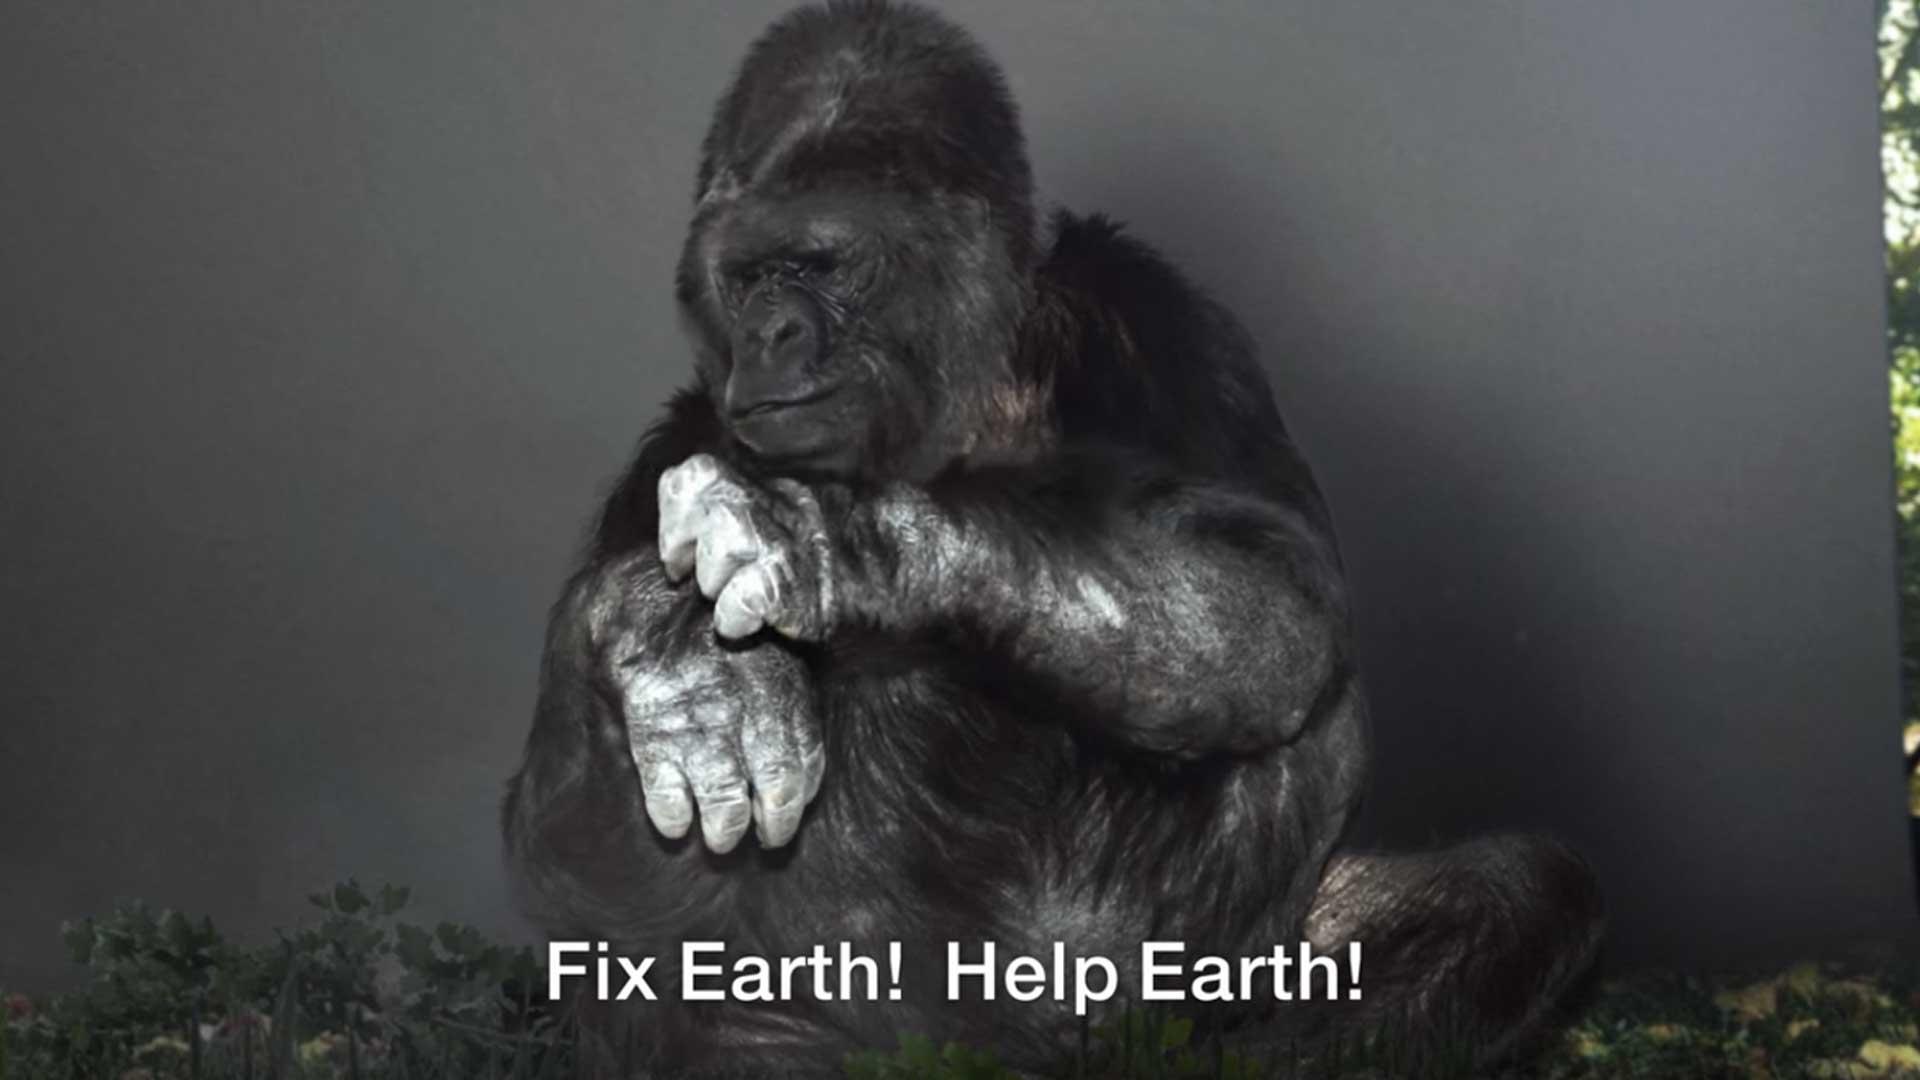 El impactante mensaje de Koko la gorila para la humanidad